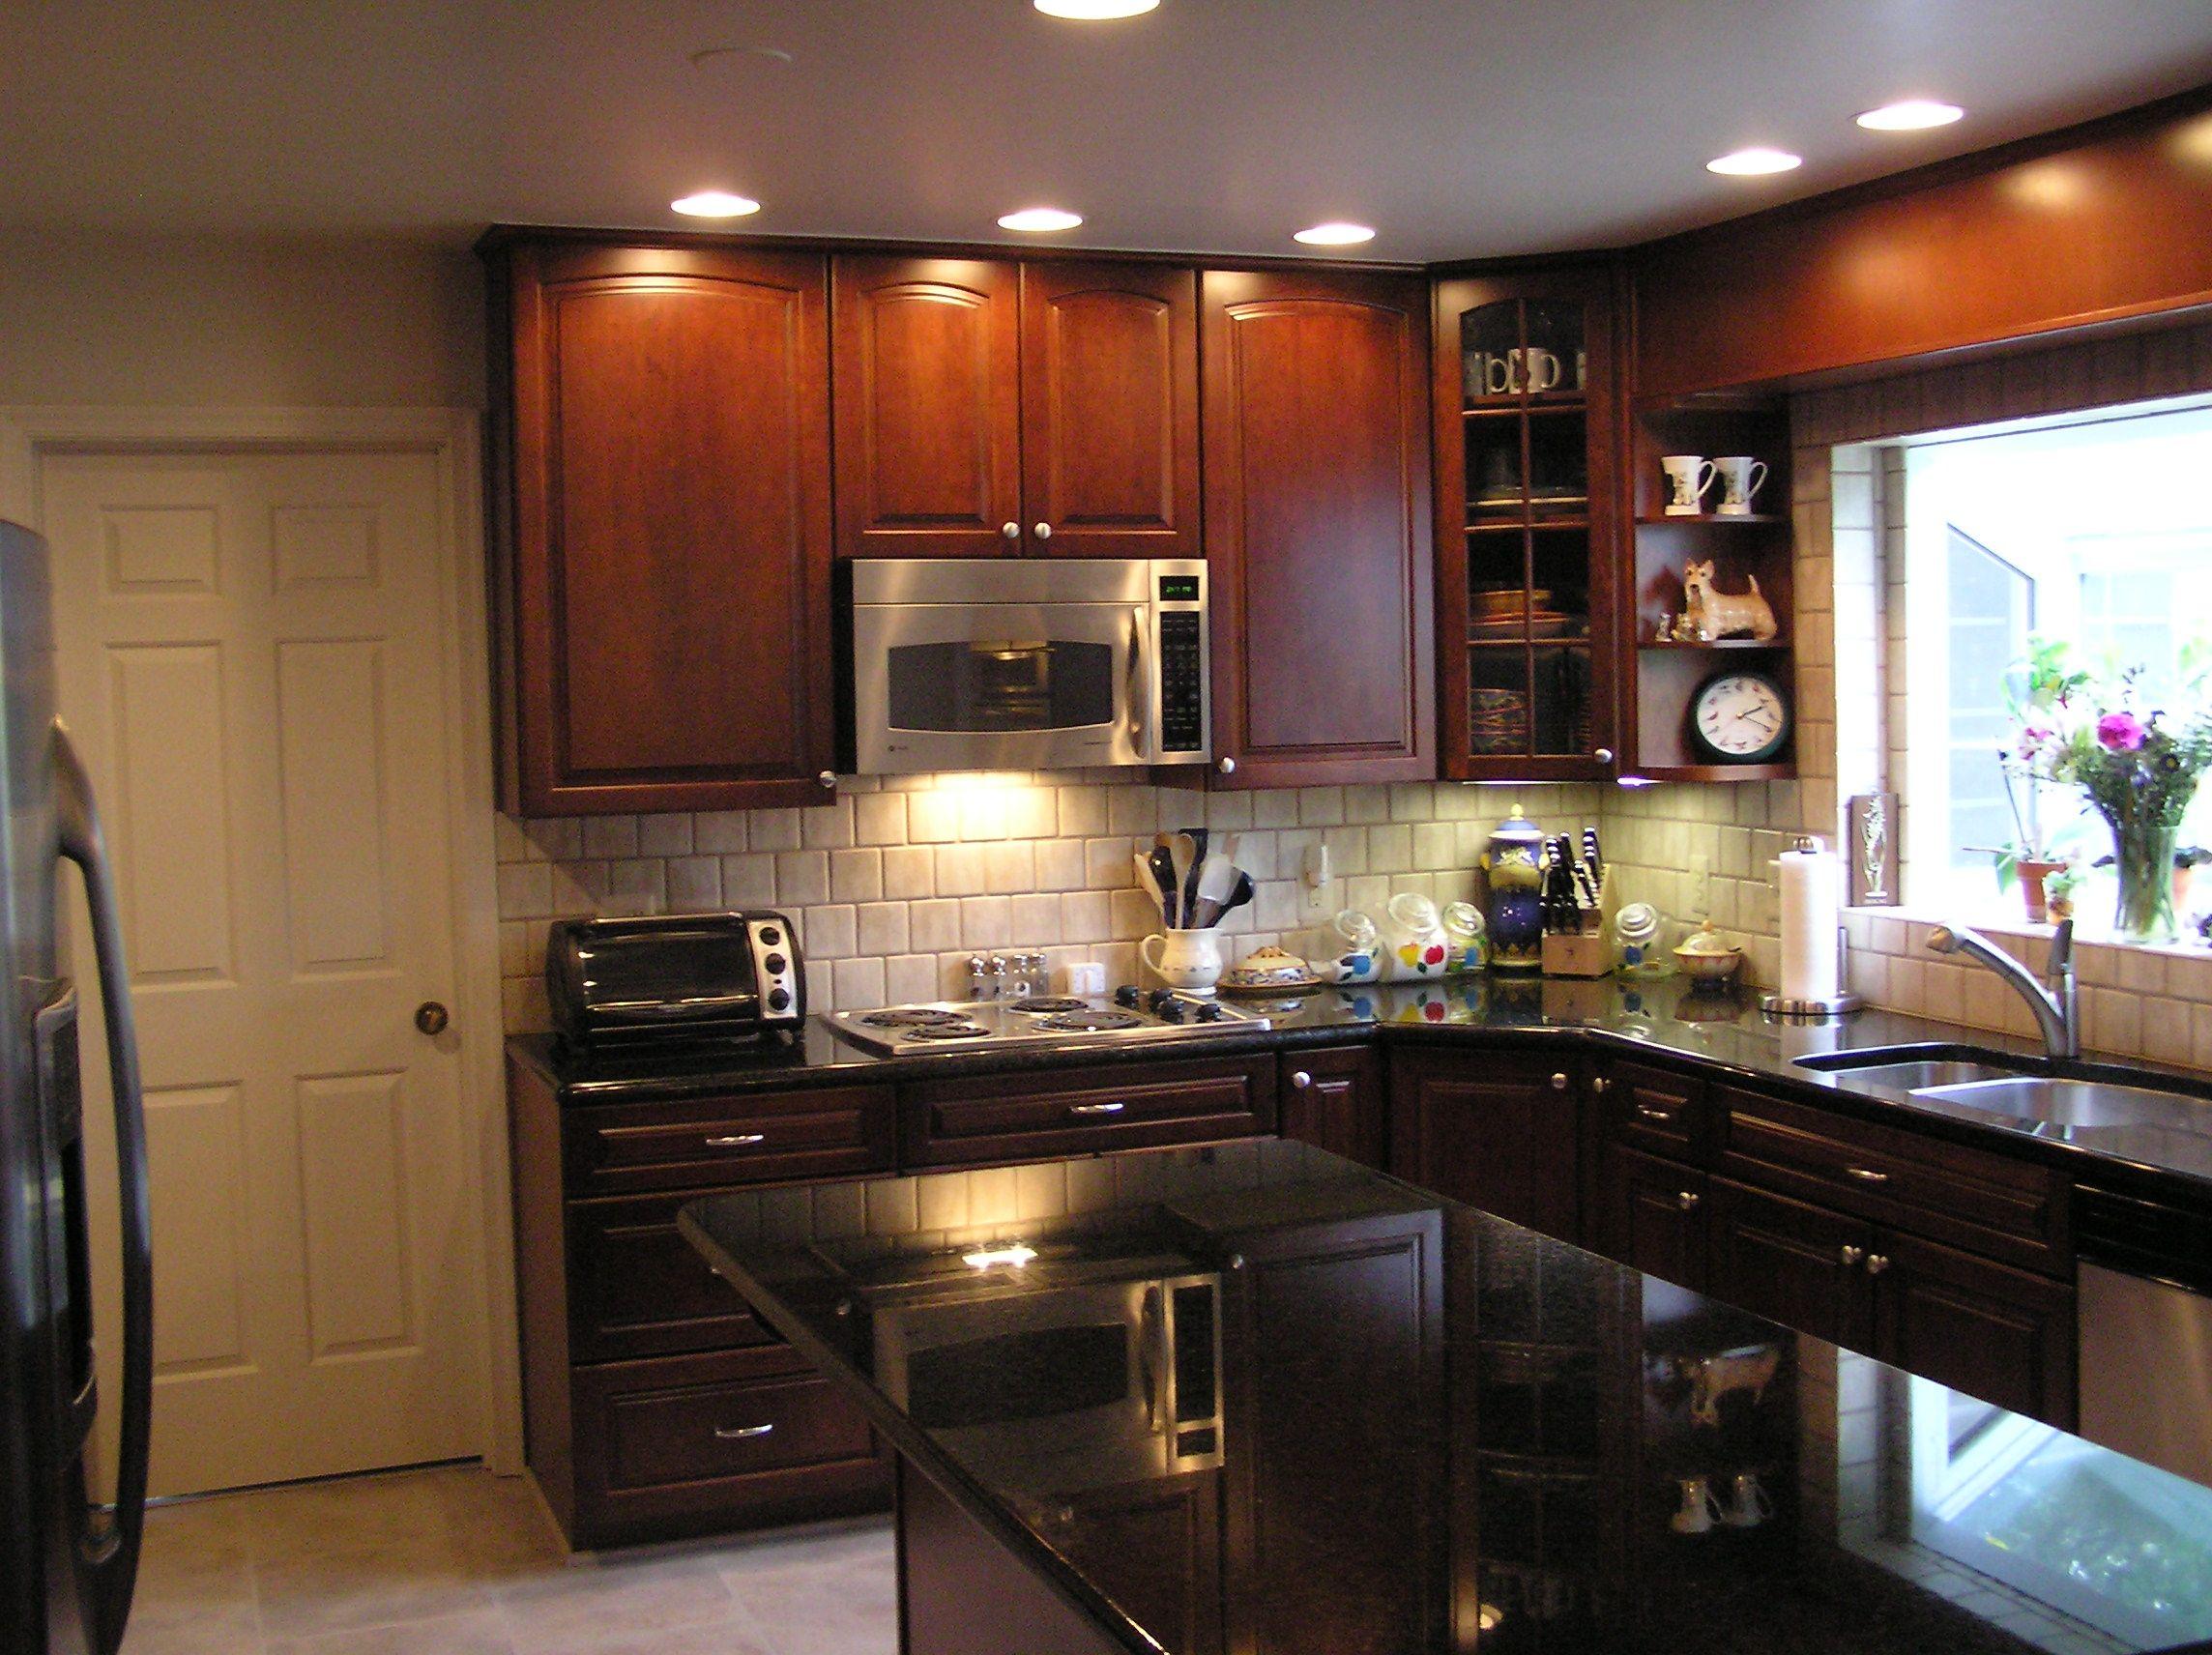 New Britain Ct Cheap Kitchen Remodel Kitchen Remodel Small Kitchen Remodel Cost